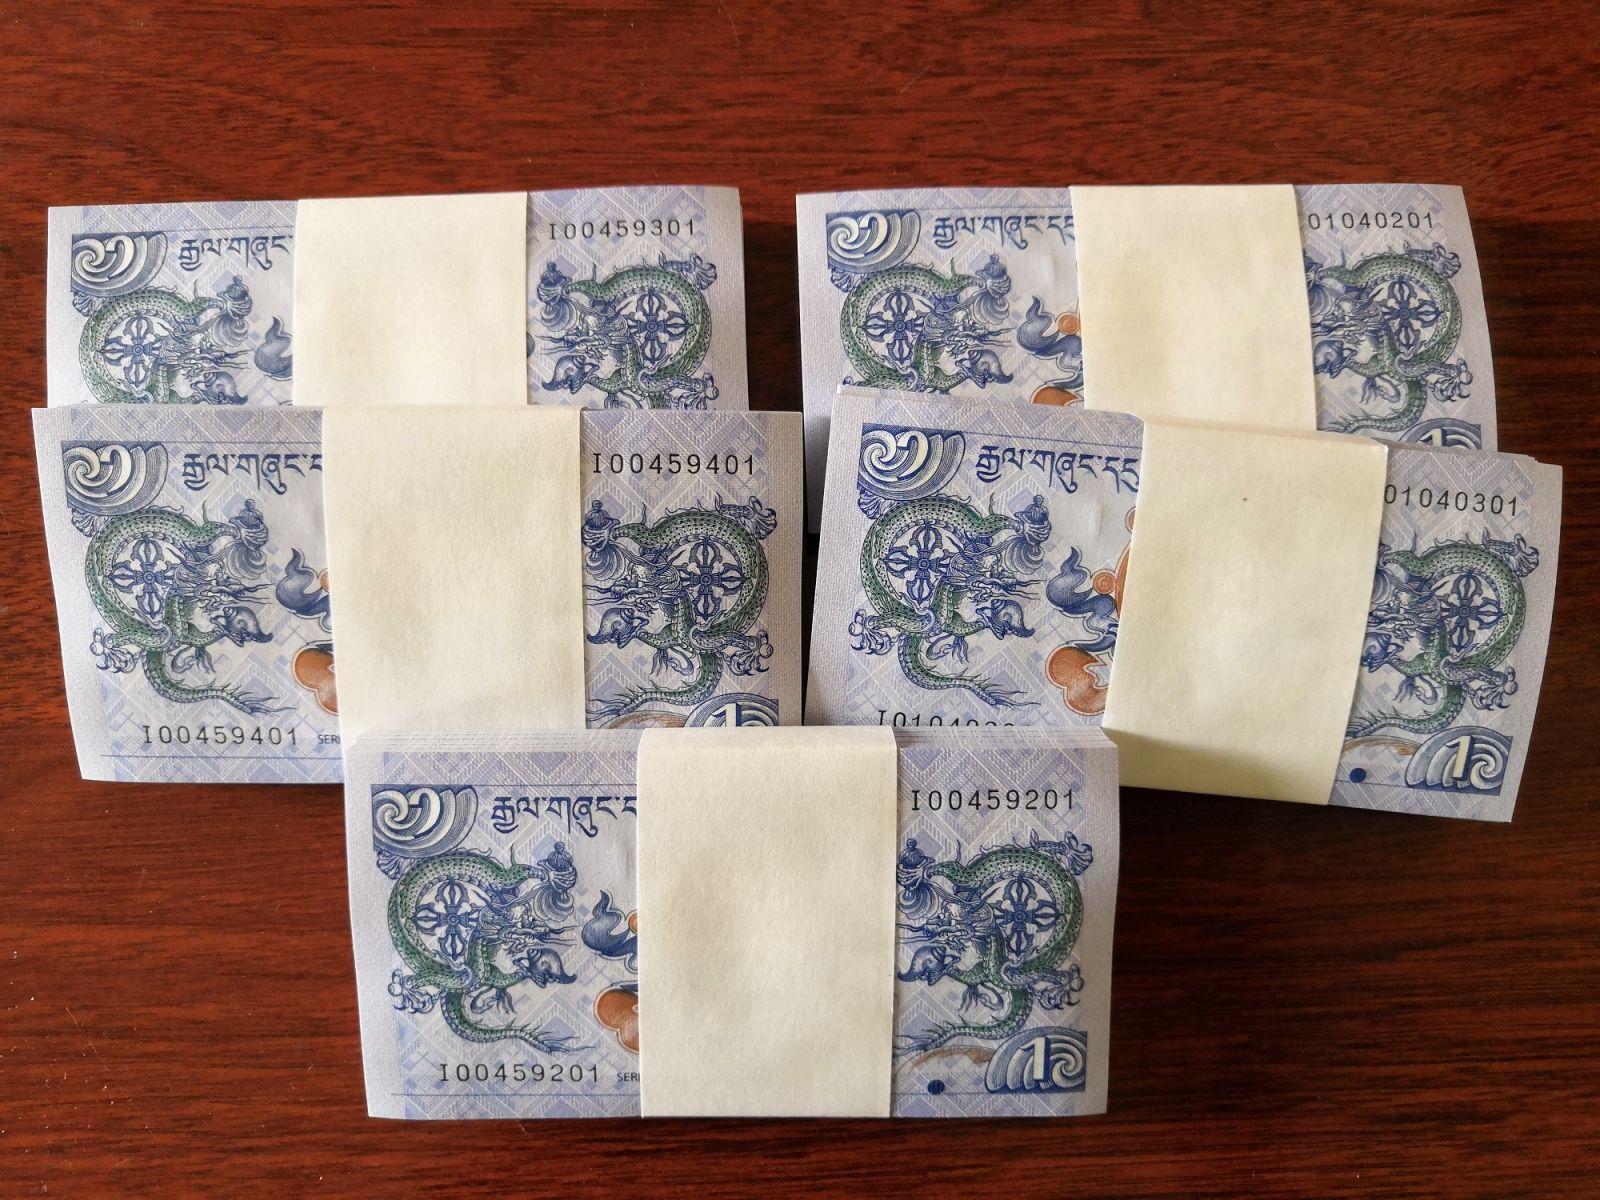 Tiền Hình Rồng Bhutan 1 Ngultrum - 100 Tờ